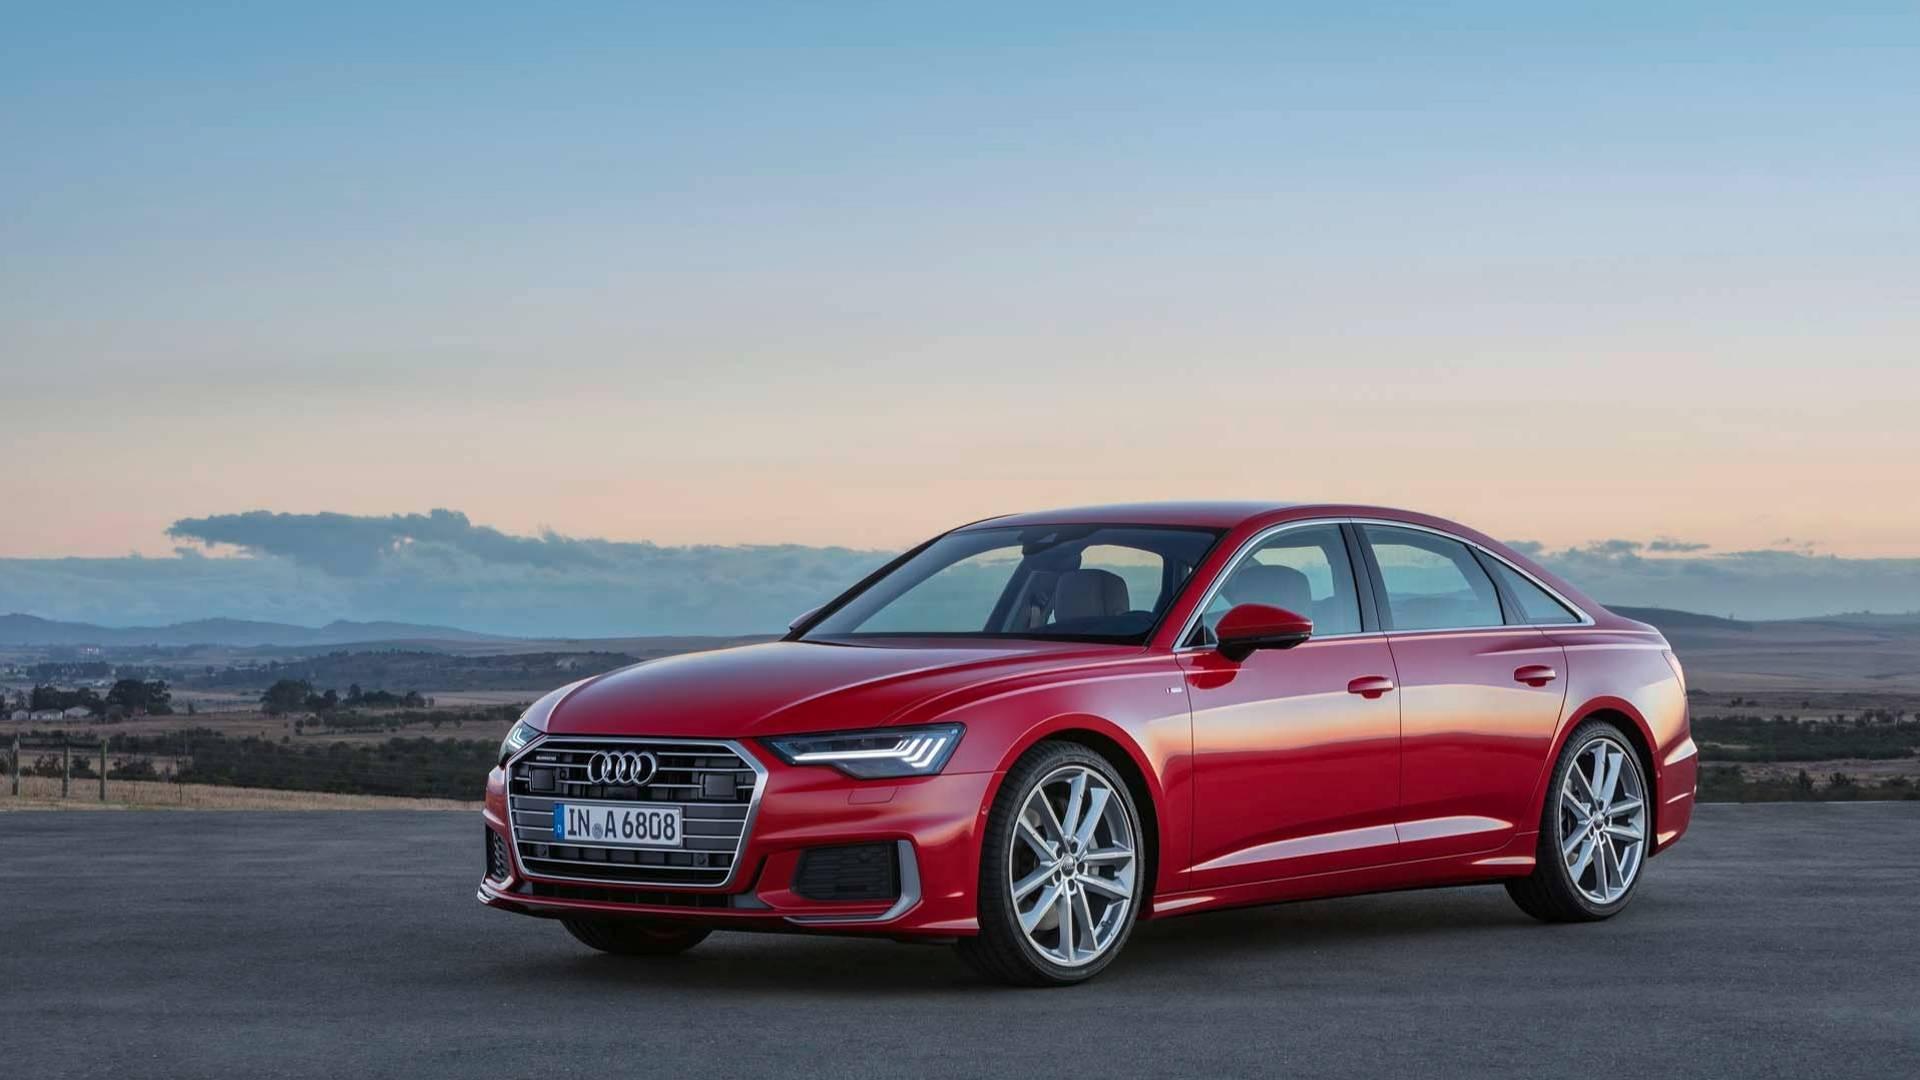 Oficial: nuevo Audi A6, más grande, premium y dinámico